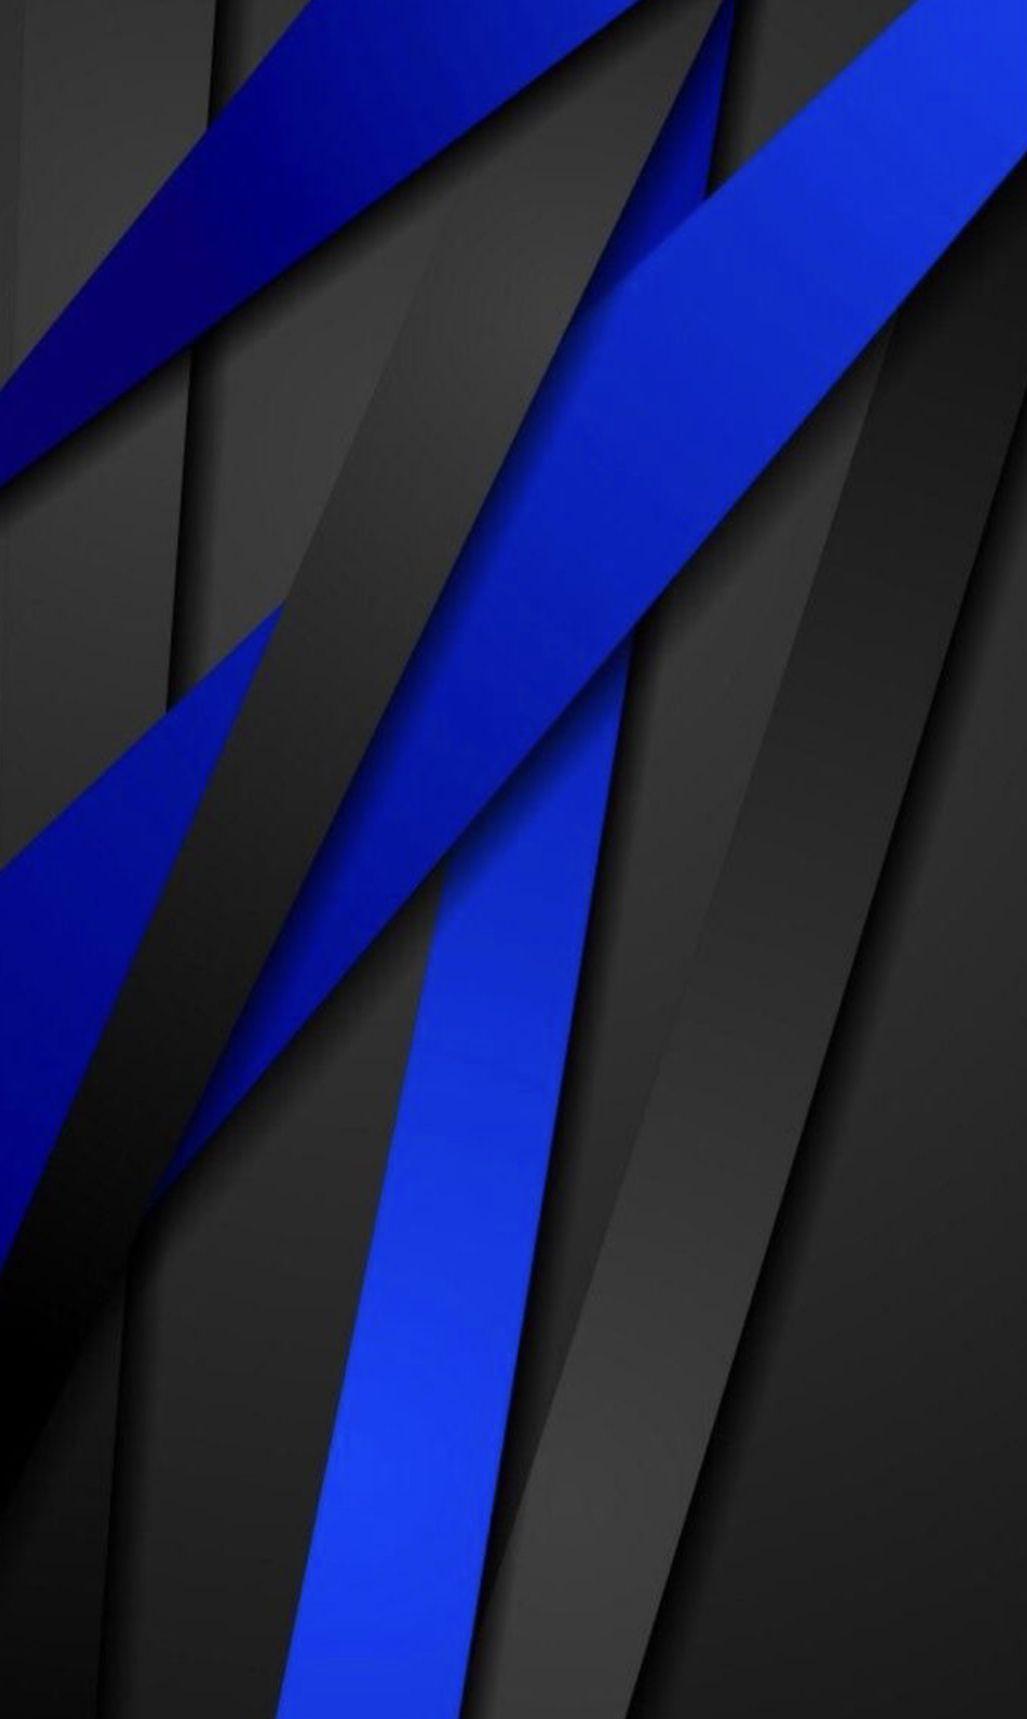 Black Blue Background Black And Blue Background Black And Blue Wallpaper Blue Backgrounds